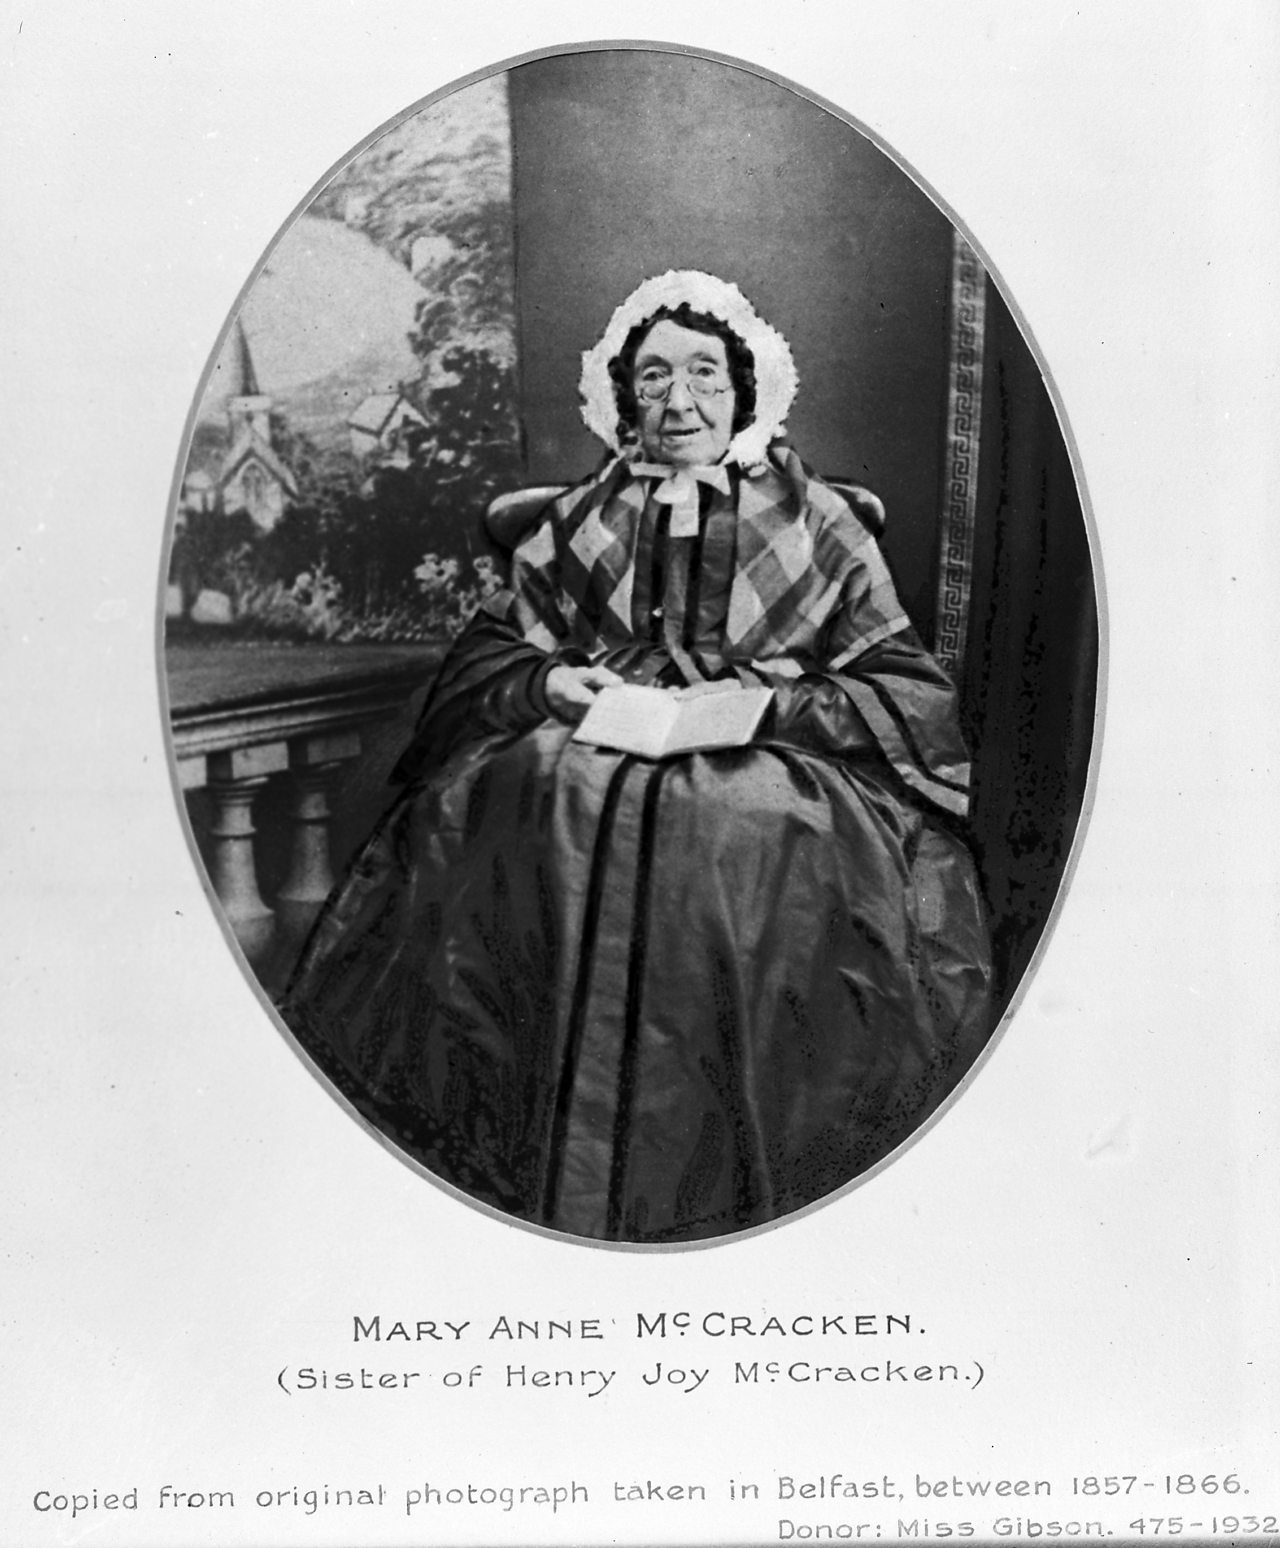 A photograph of an elderly Mary Ann McCracken